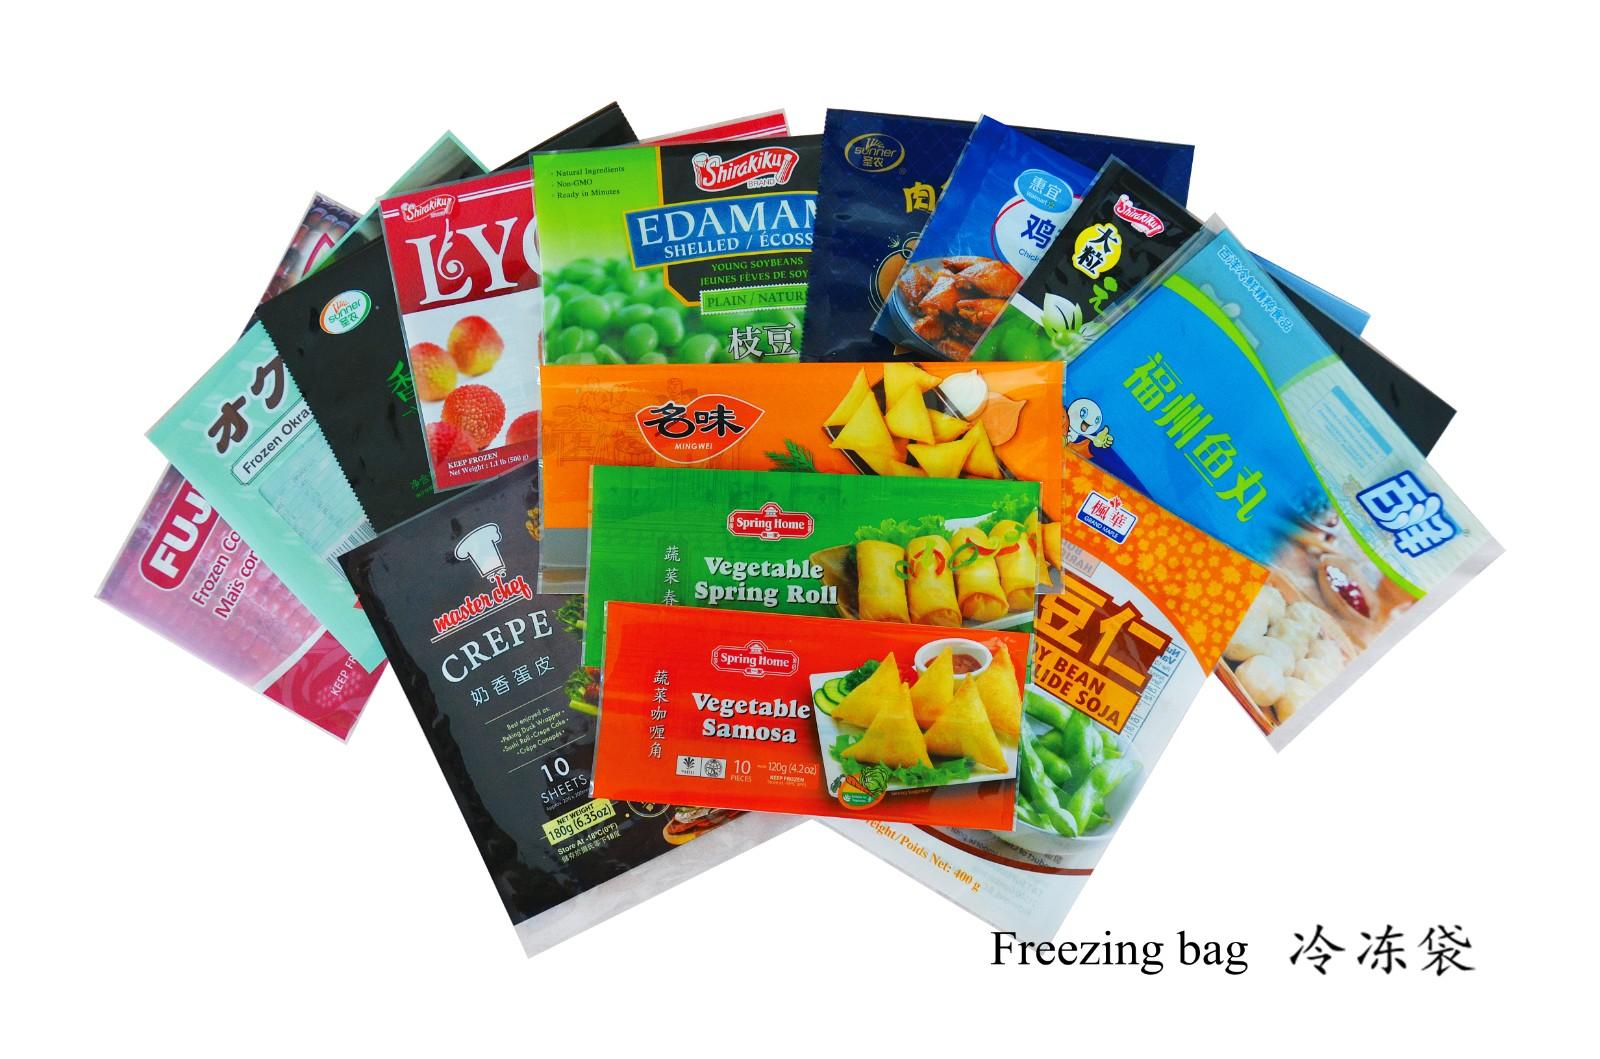 冷冻袋 Freezing bag